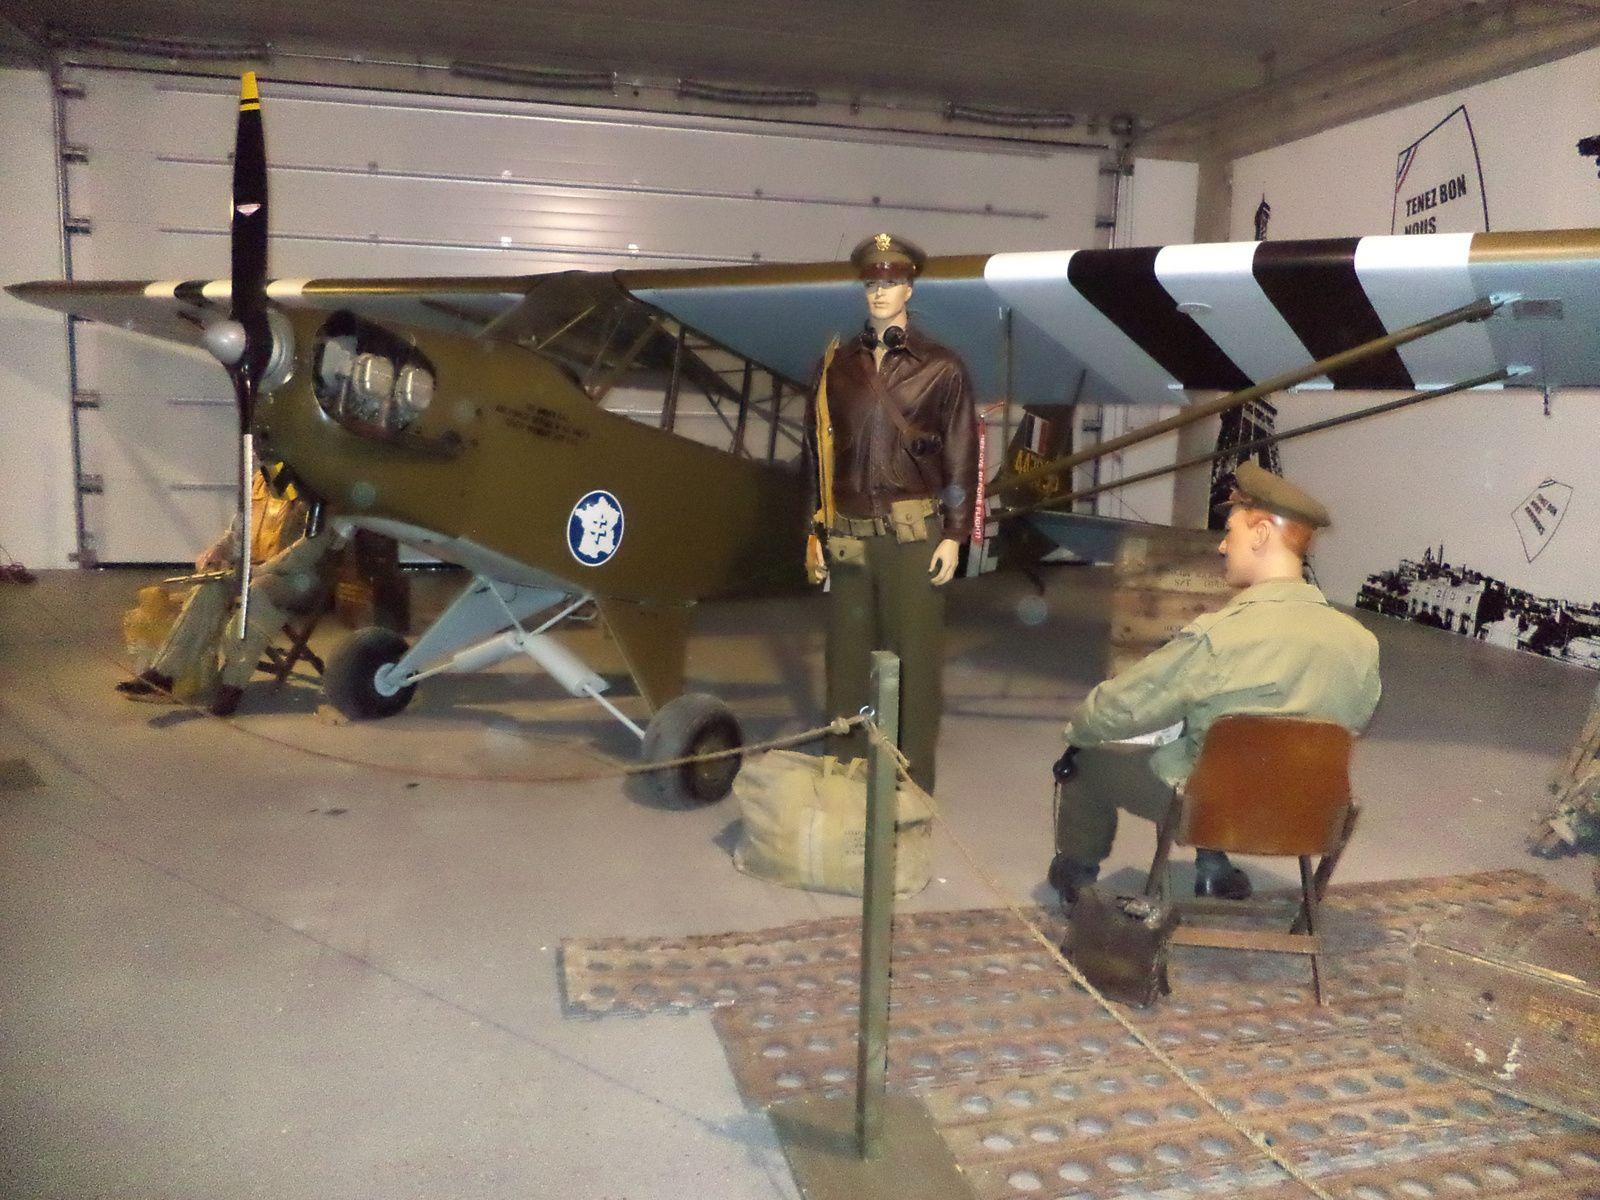 un avion d observation américain....quand les allemands voyaient ce petit avion au dessus d eux dans le ciel ils n avaient plus qu a creuser